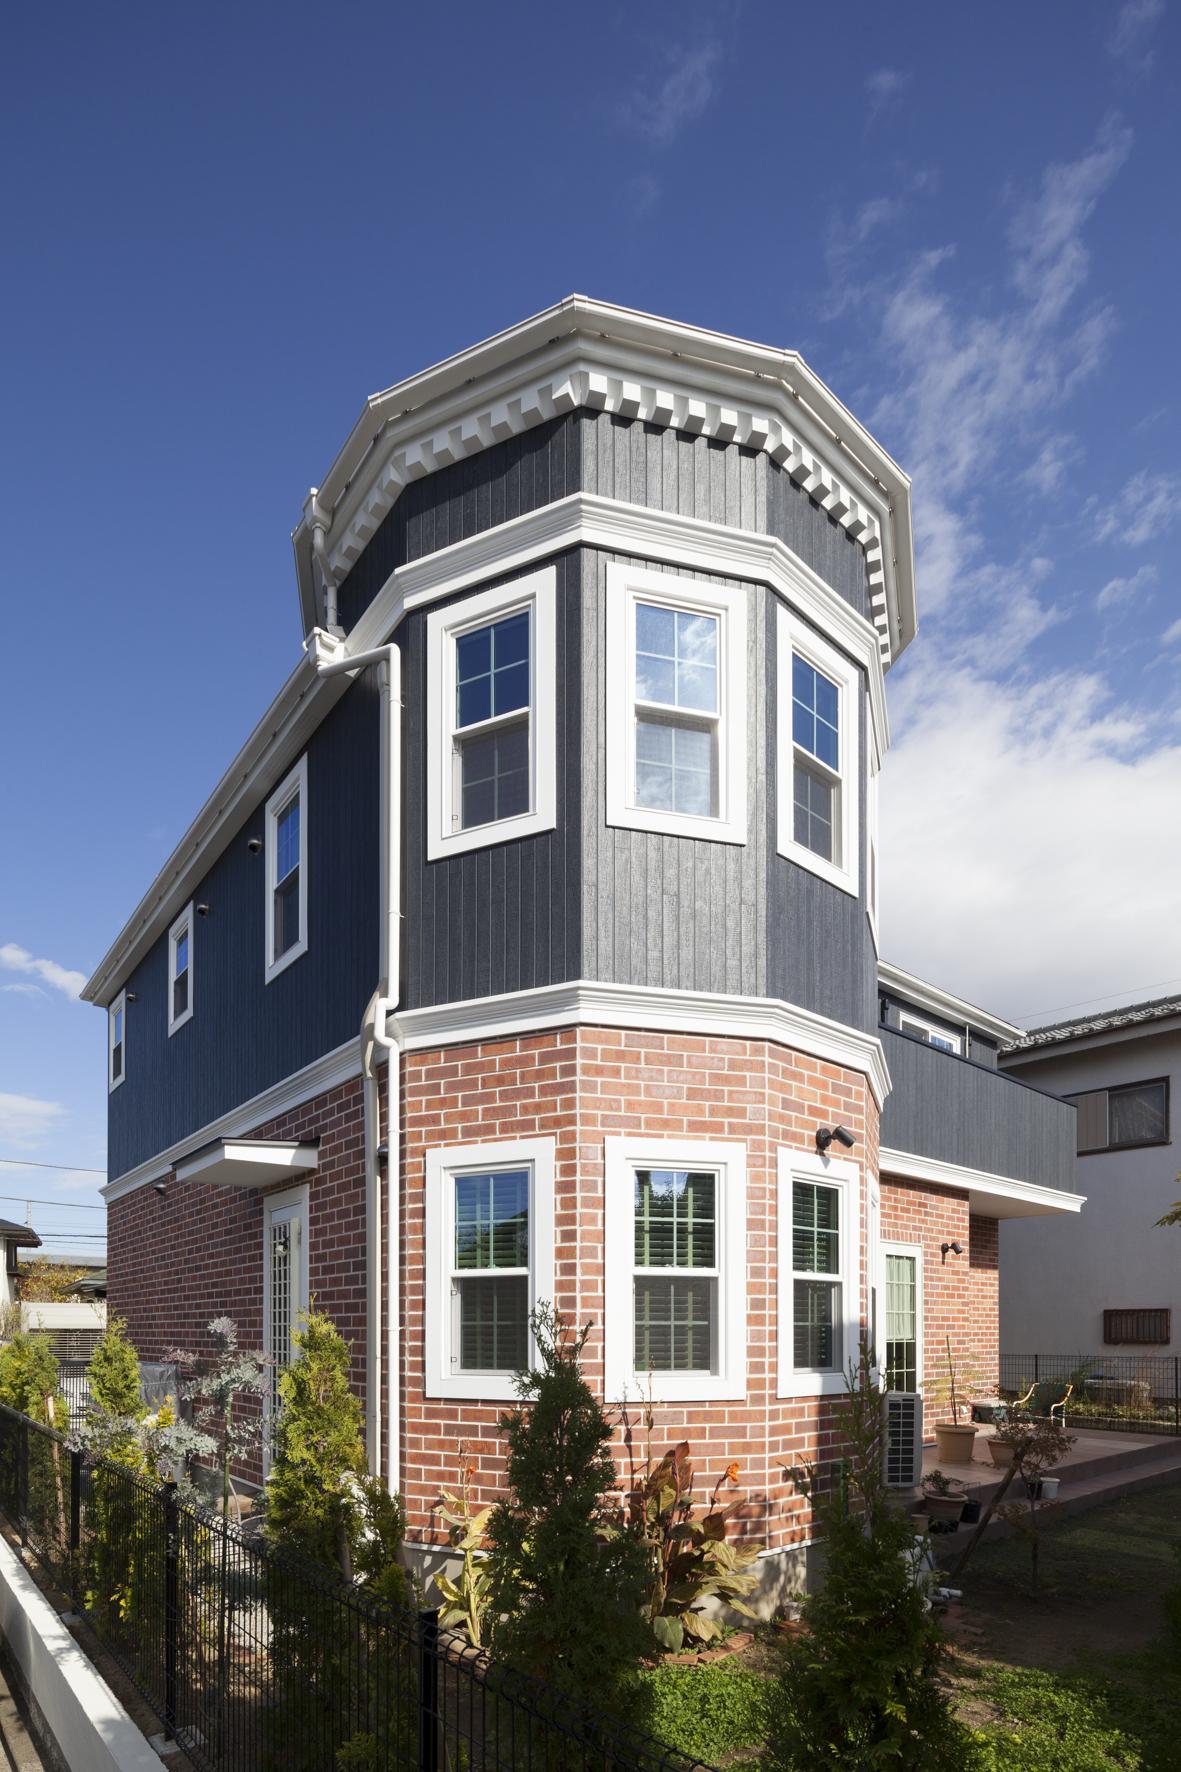 スタイル多彩に憧れのレンガの家